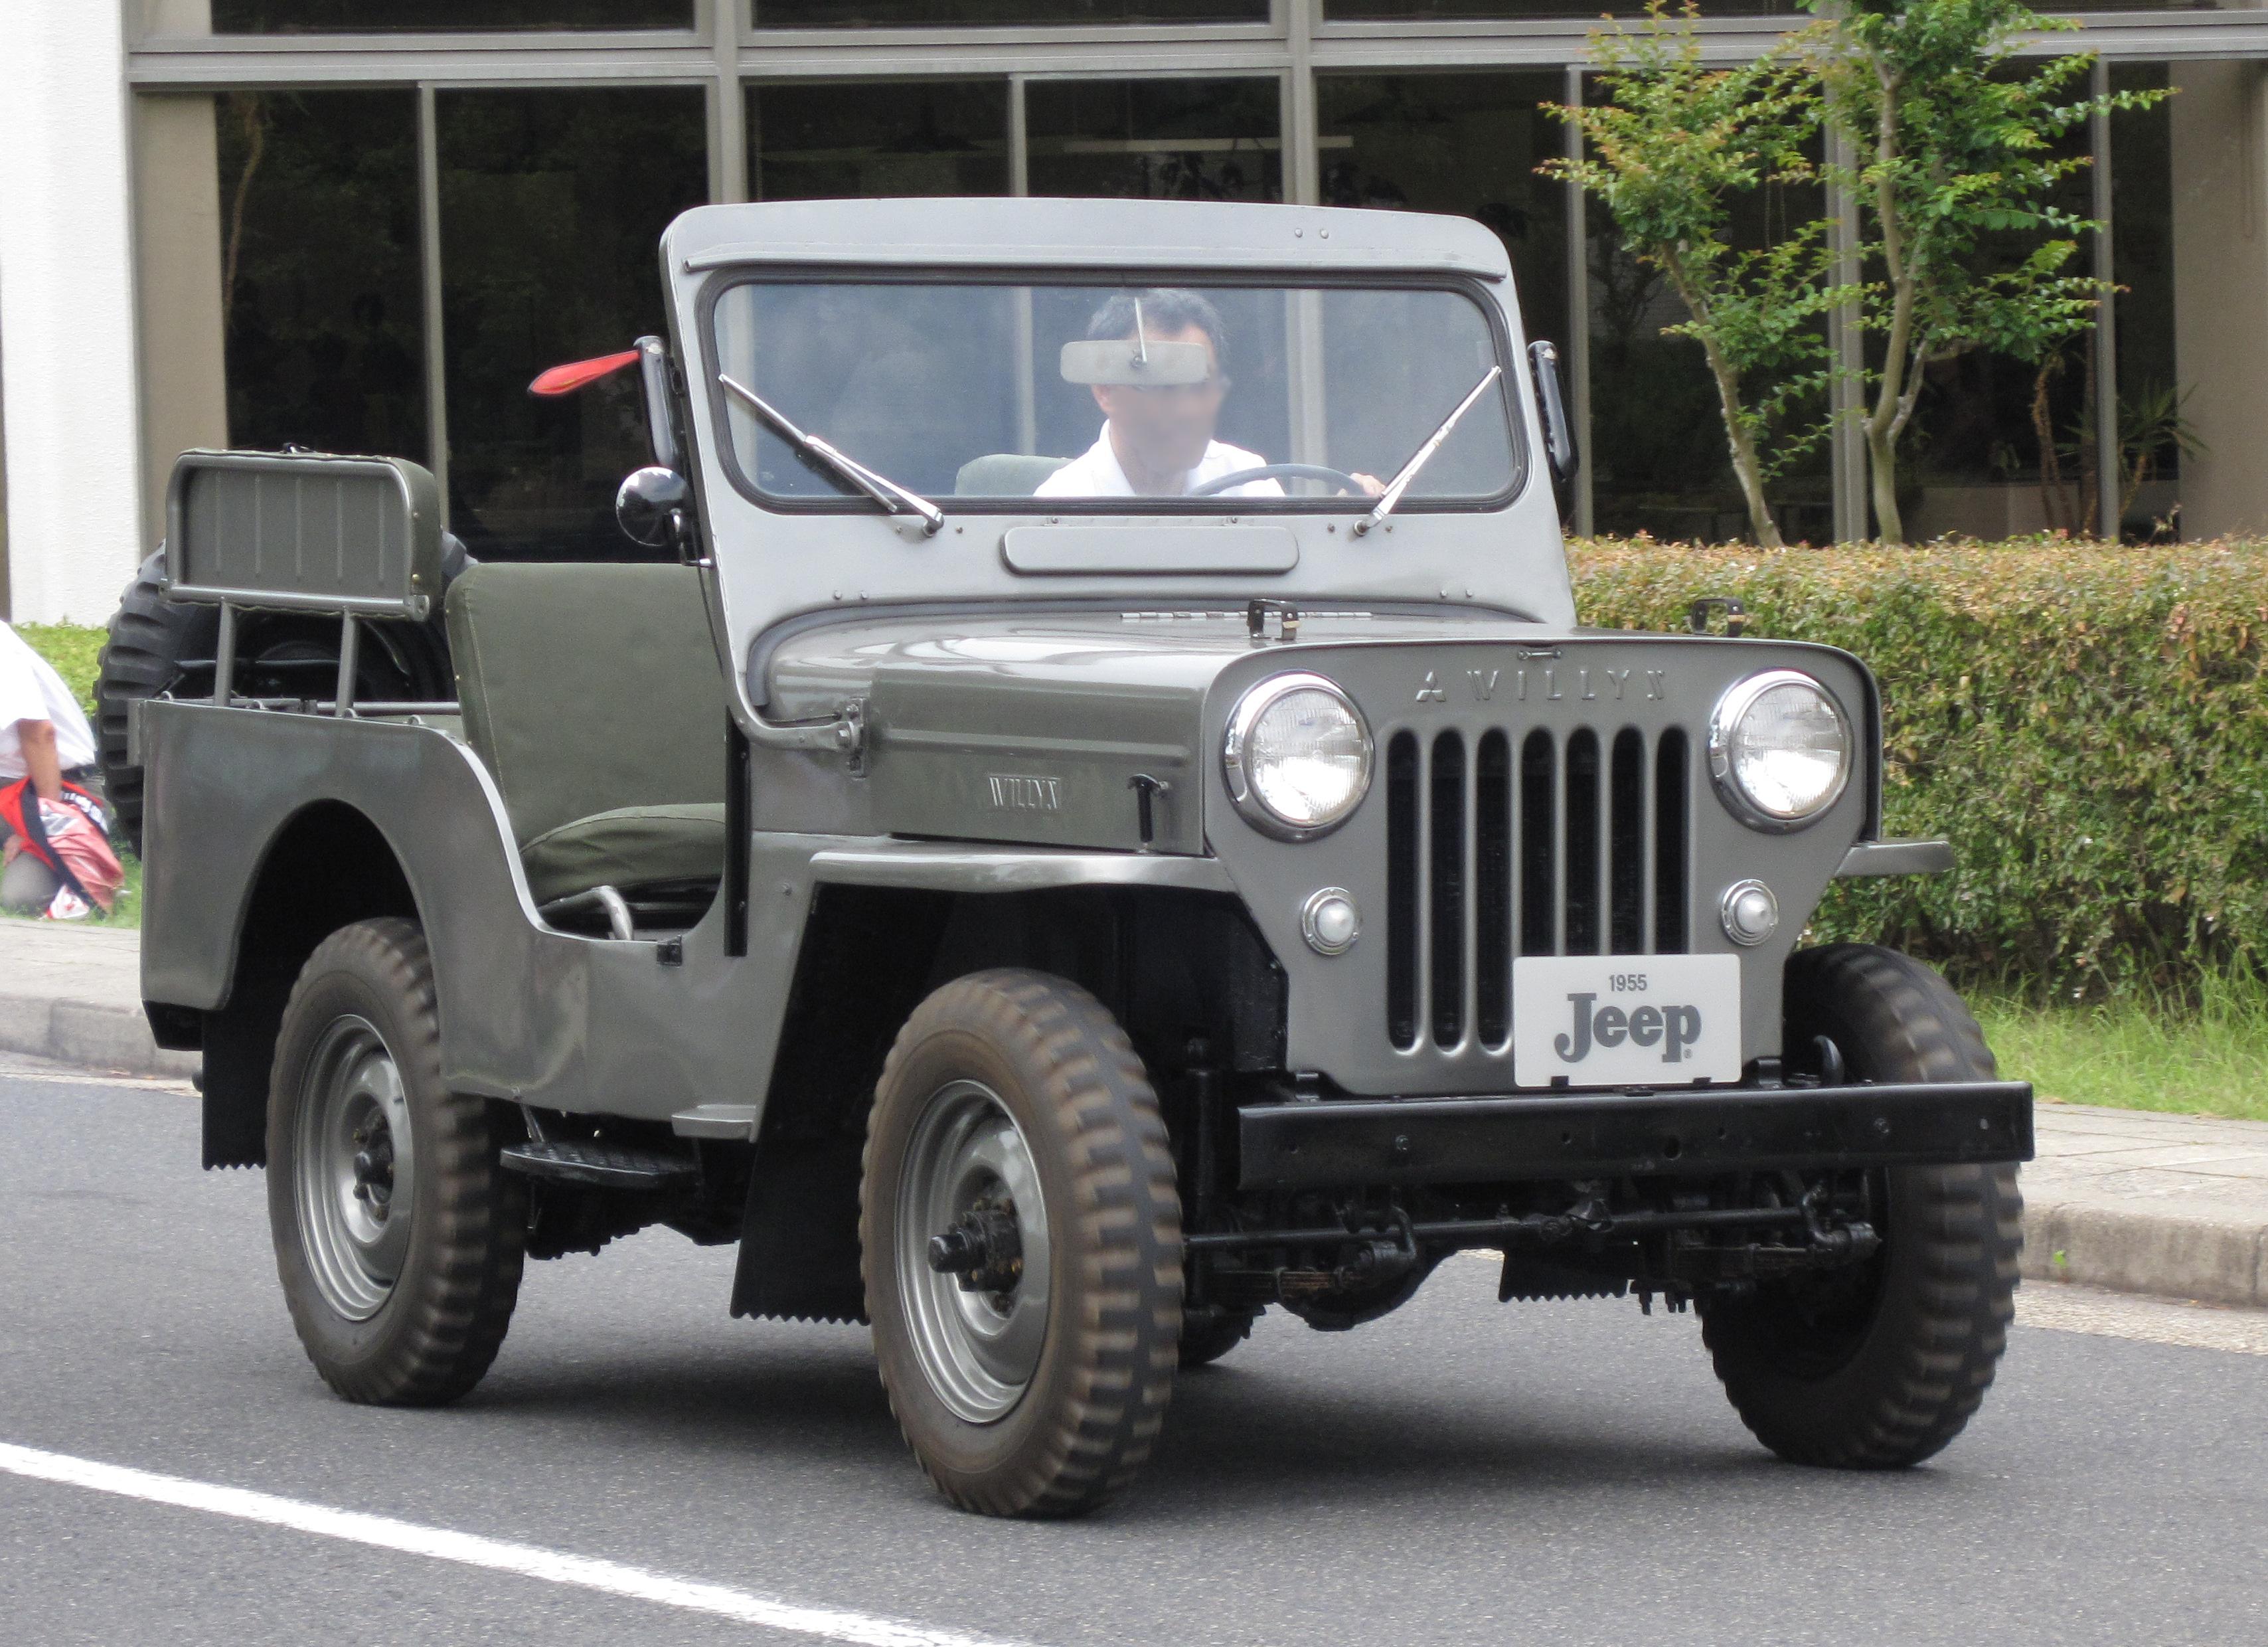 Postal Jeeps File:Mitsubishi 1955 Jeep.JPG - Wikimedia Commons